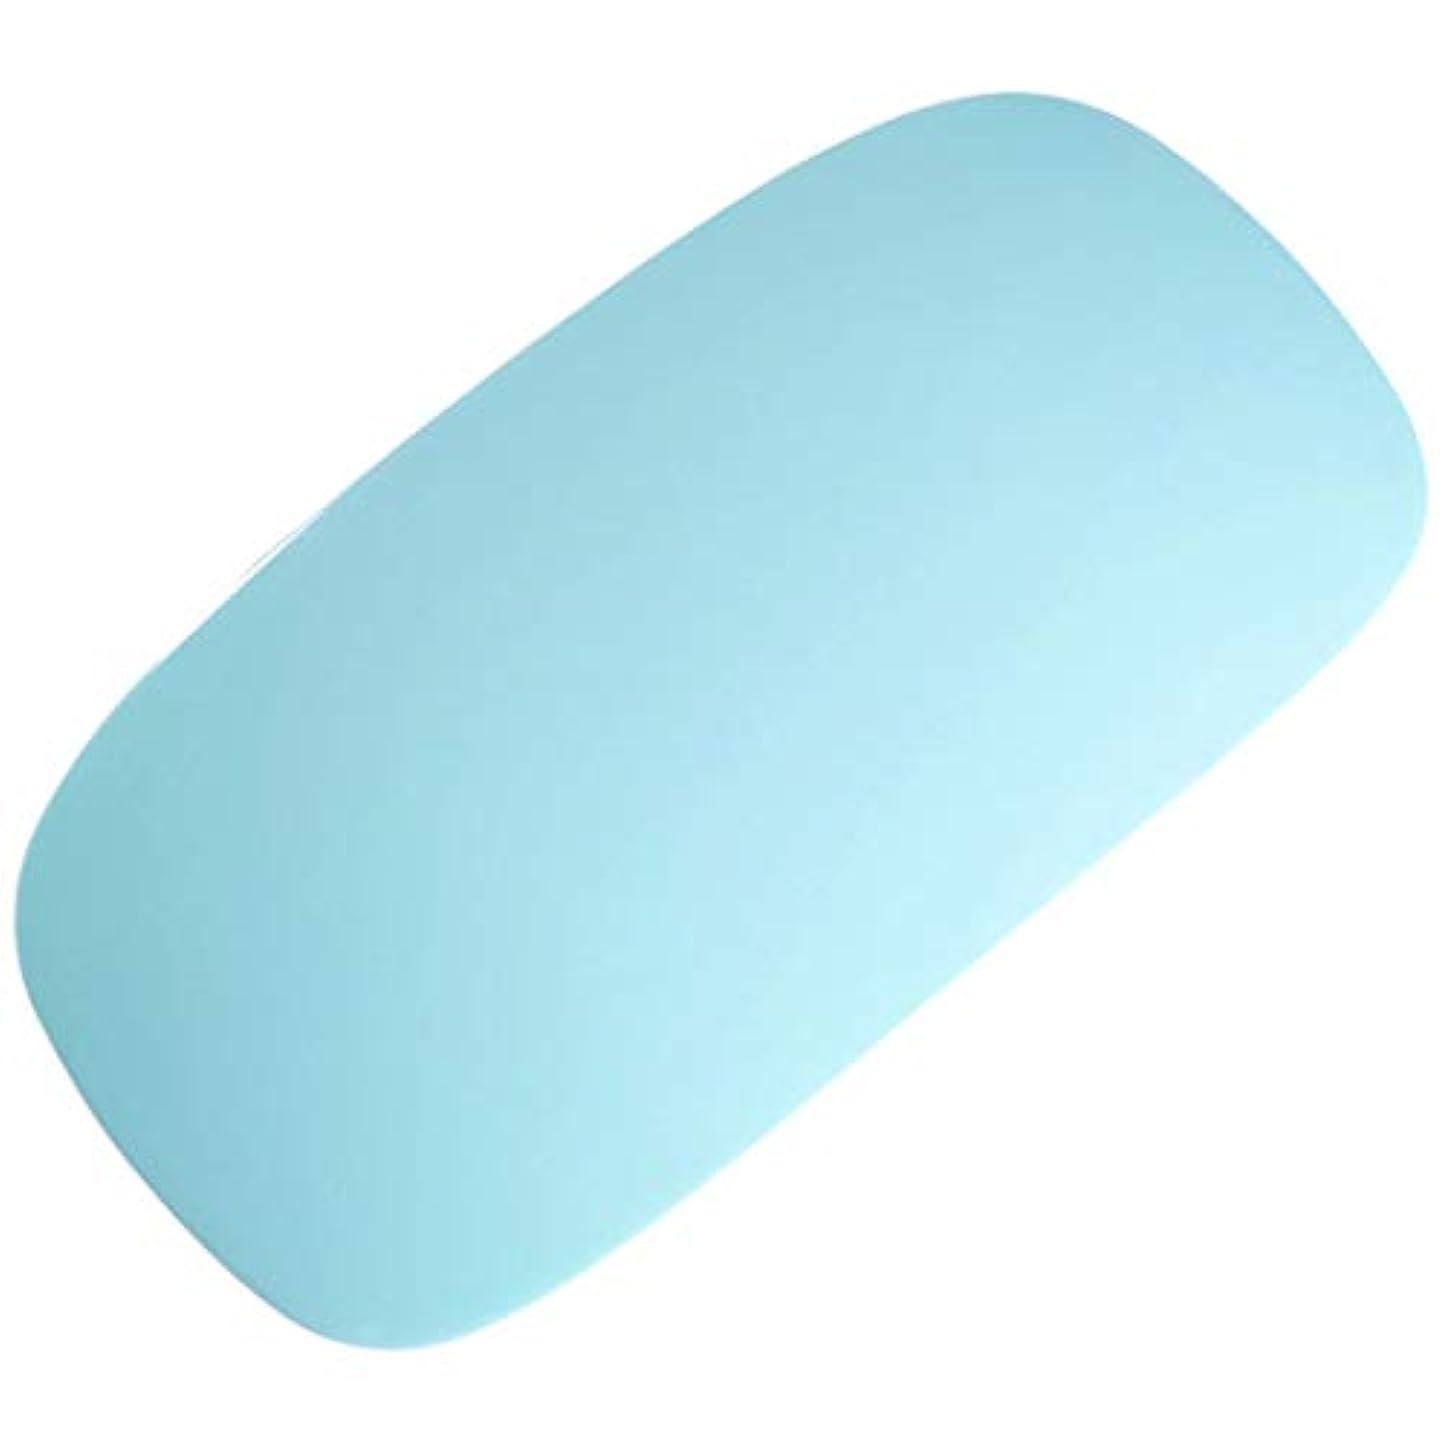 乱闘輝度急性ネイルドライヤー 紫外線ランプ 8W UV + LED 二重光源 手黒ない 硬化ランプ ジェルネイル ピアノペイントシェル